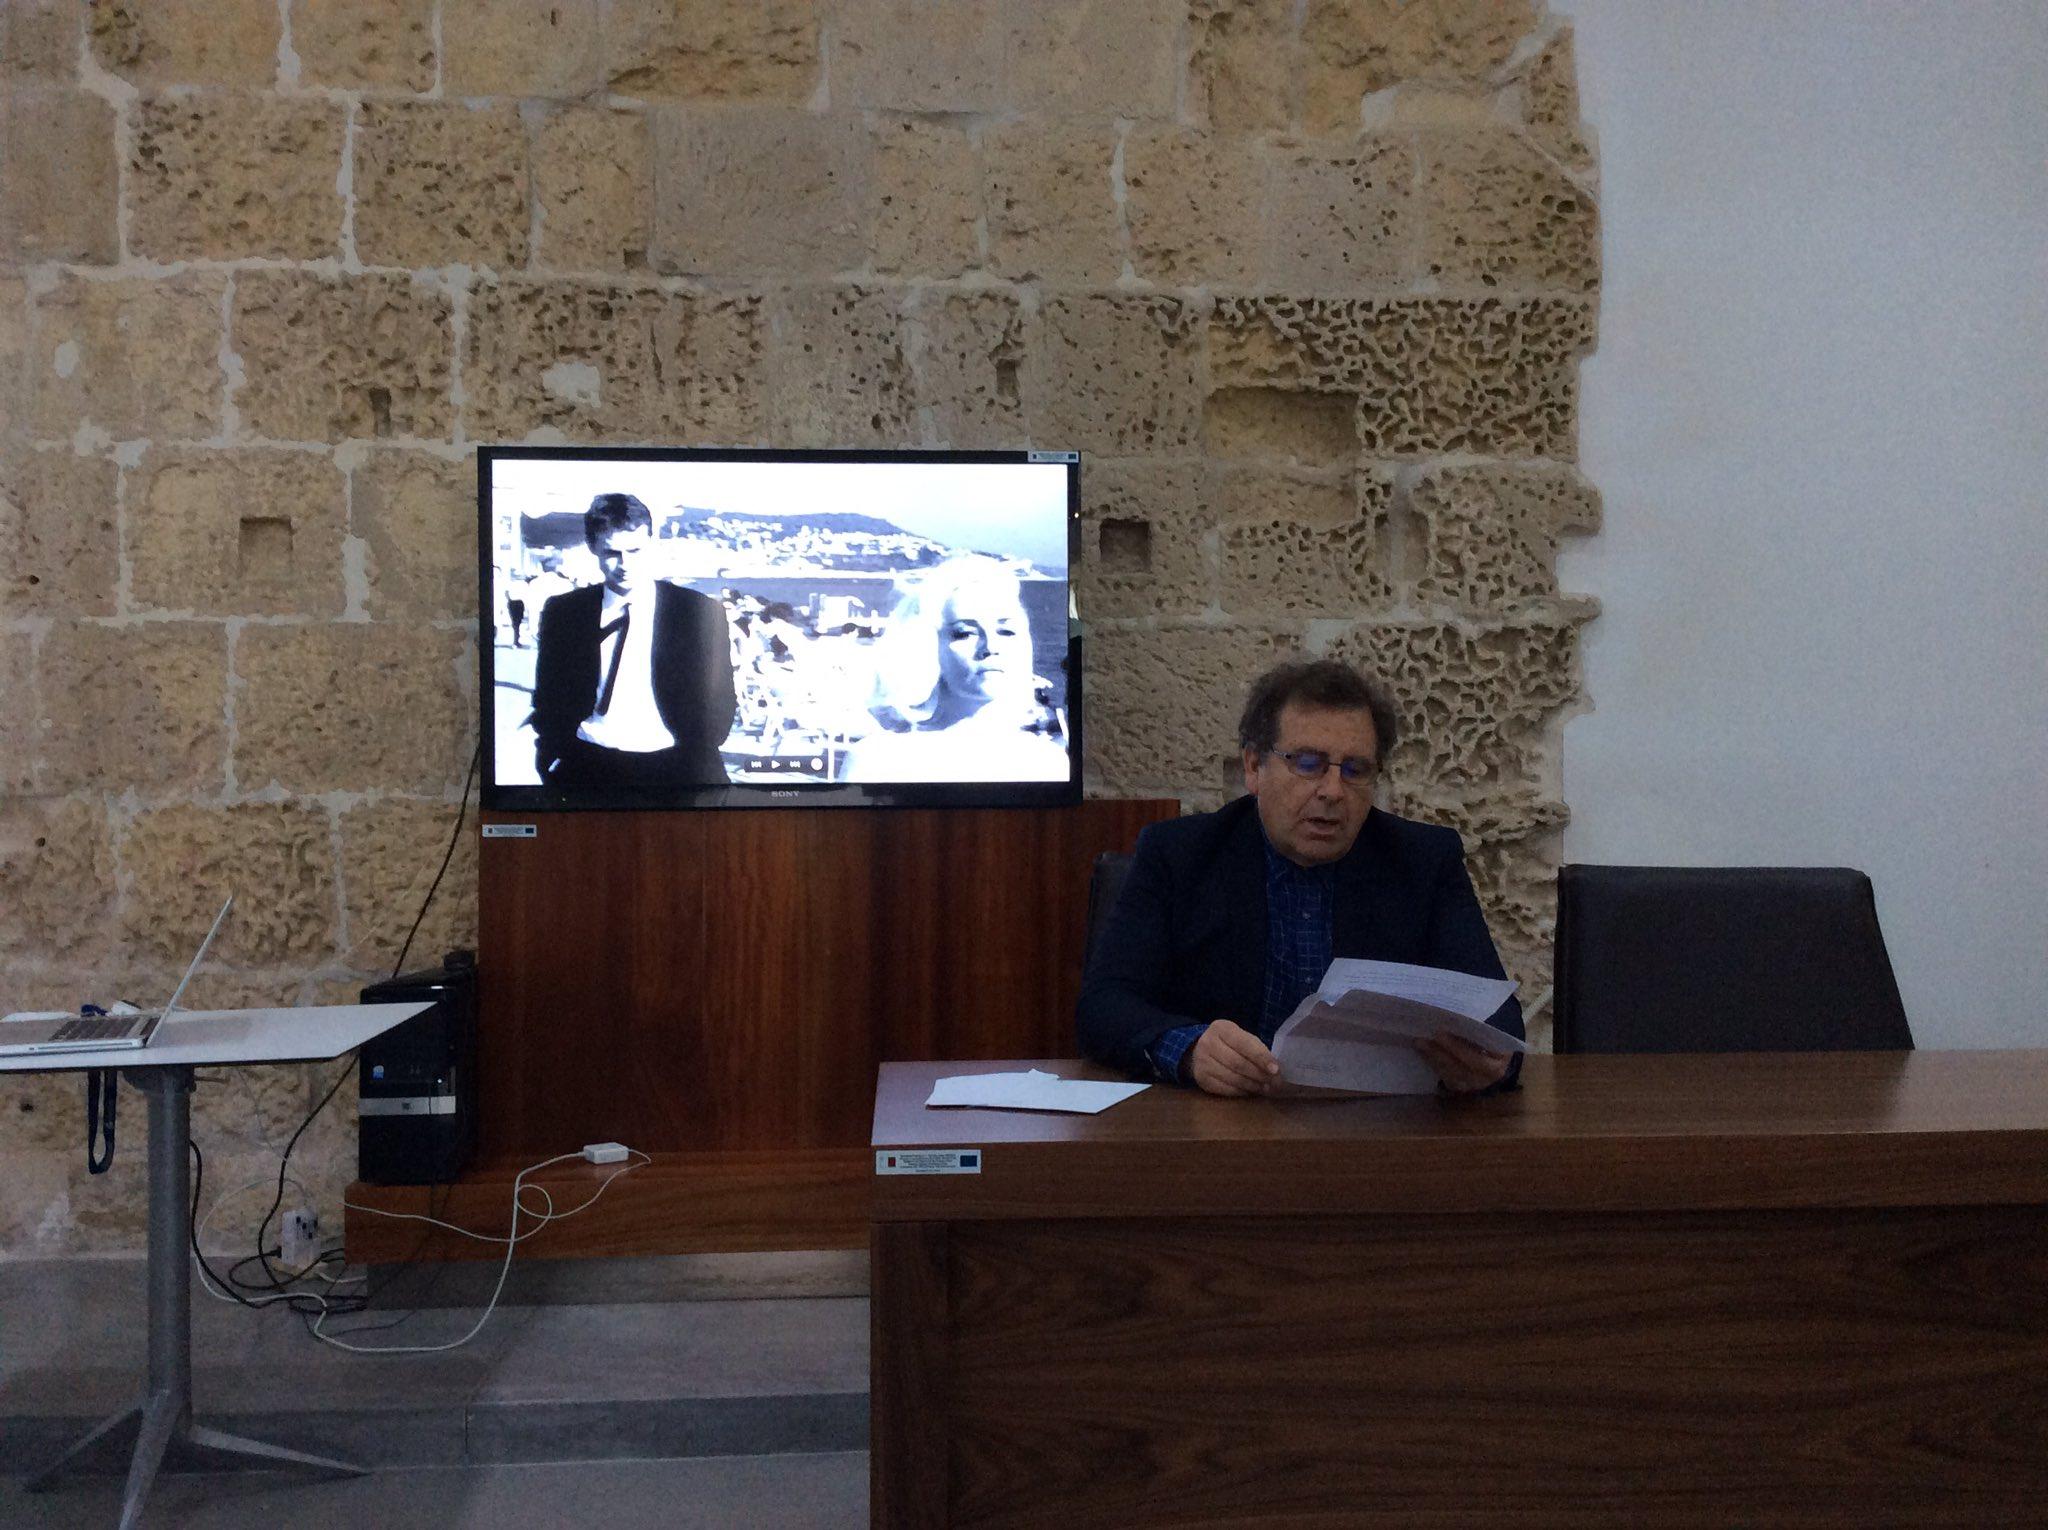 Richard Pietri @uniofmalta présente le jeu et le casino chez l'auteur Maurice Ciantar #TexteImage4 https://t.co/j4o5iCJJ5s